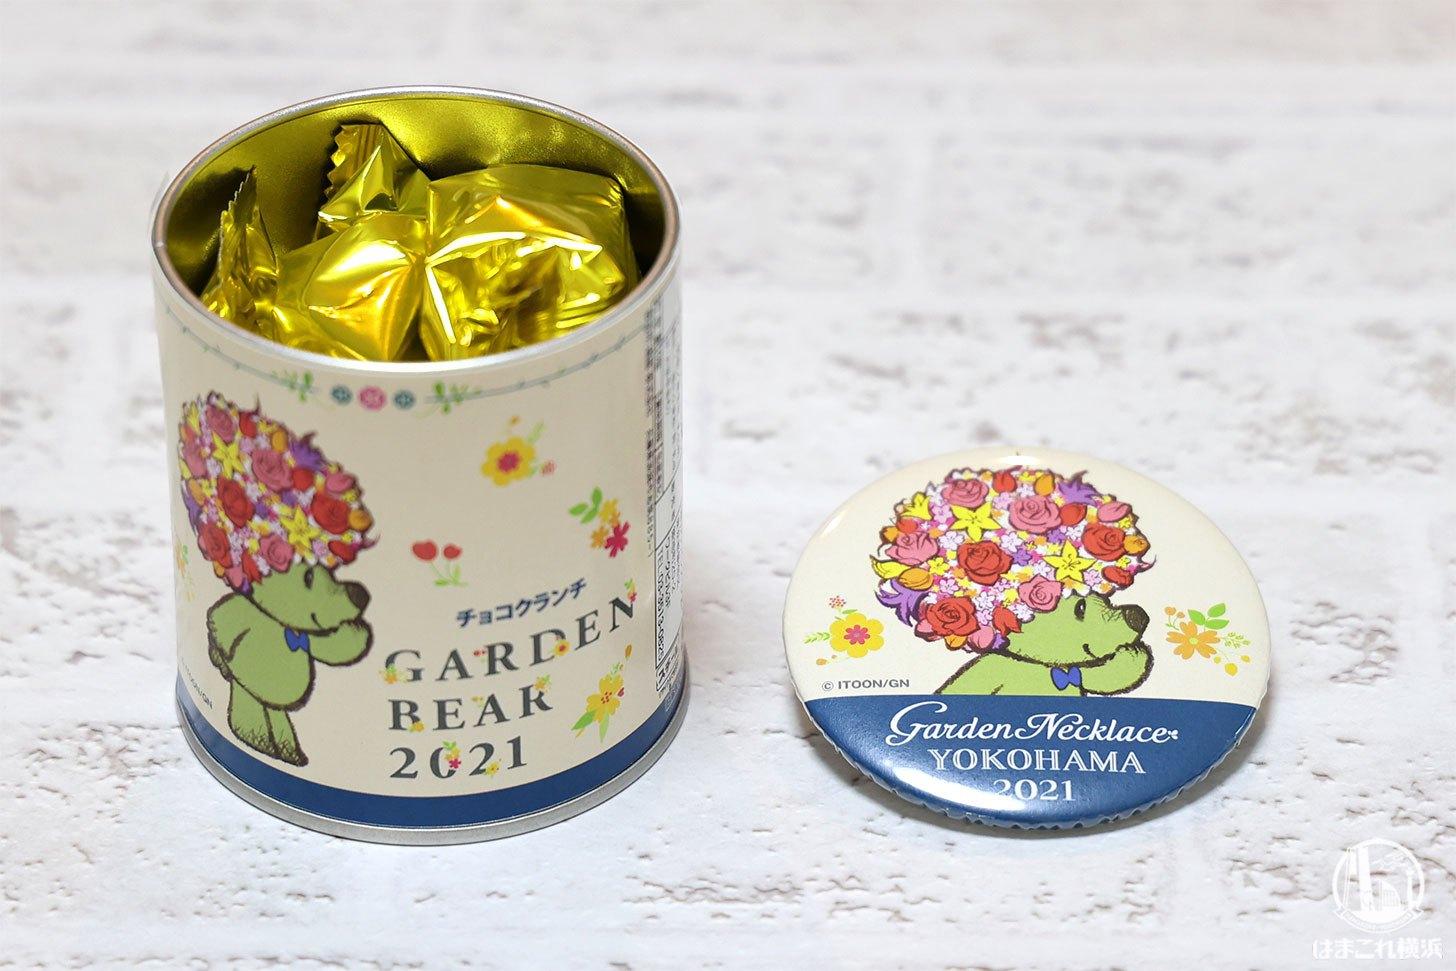 チョコクランチ ガーデンベア缶バッジ付き